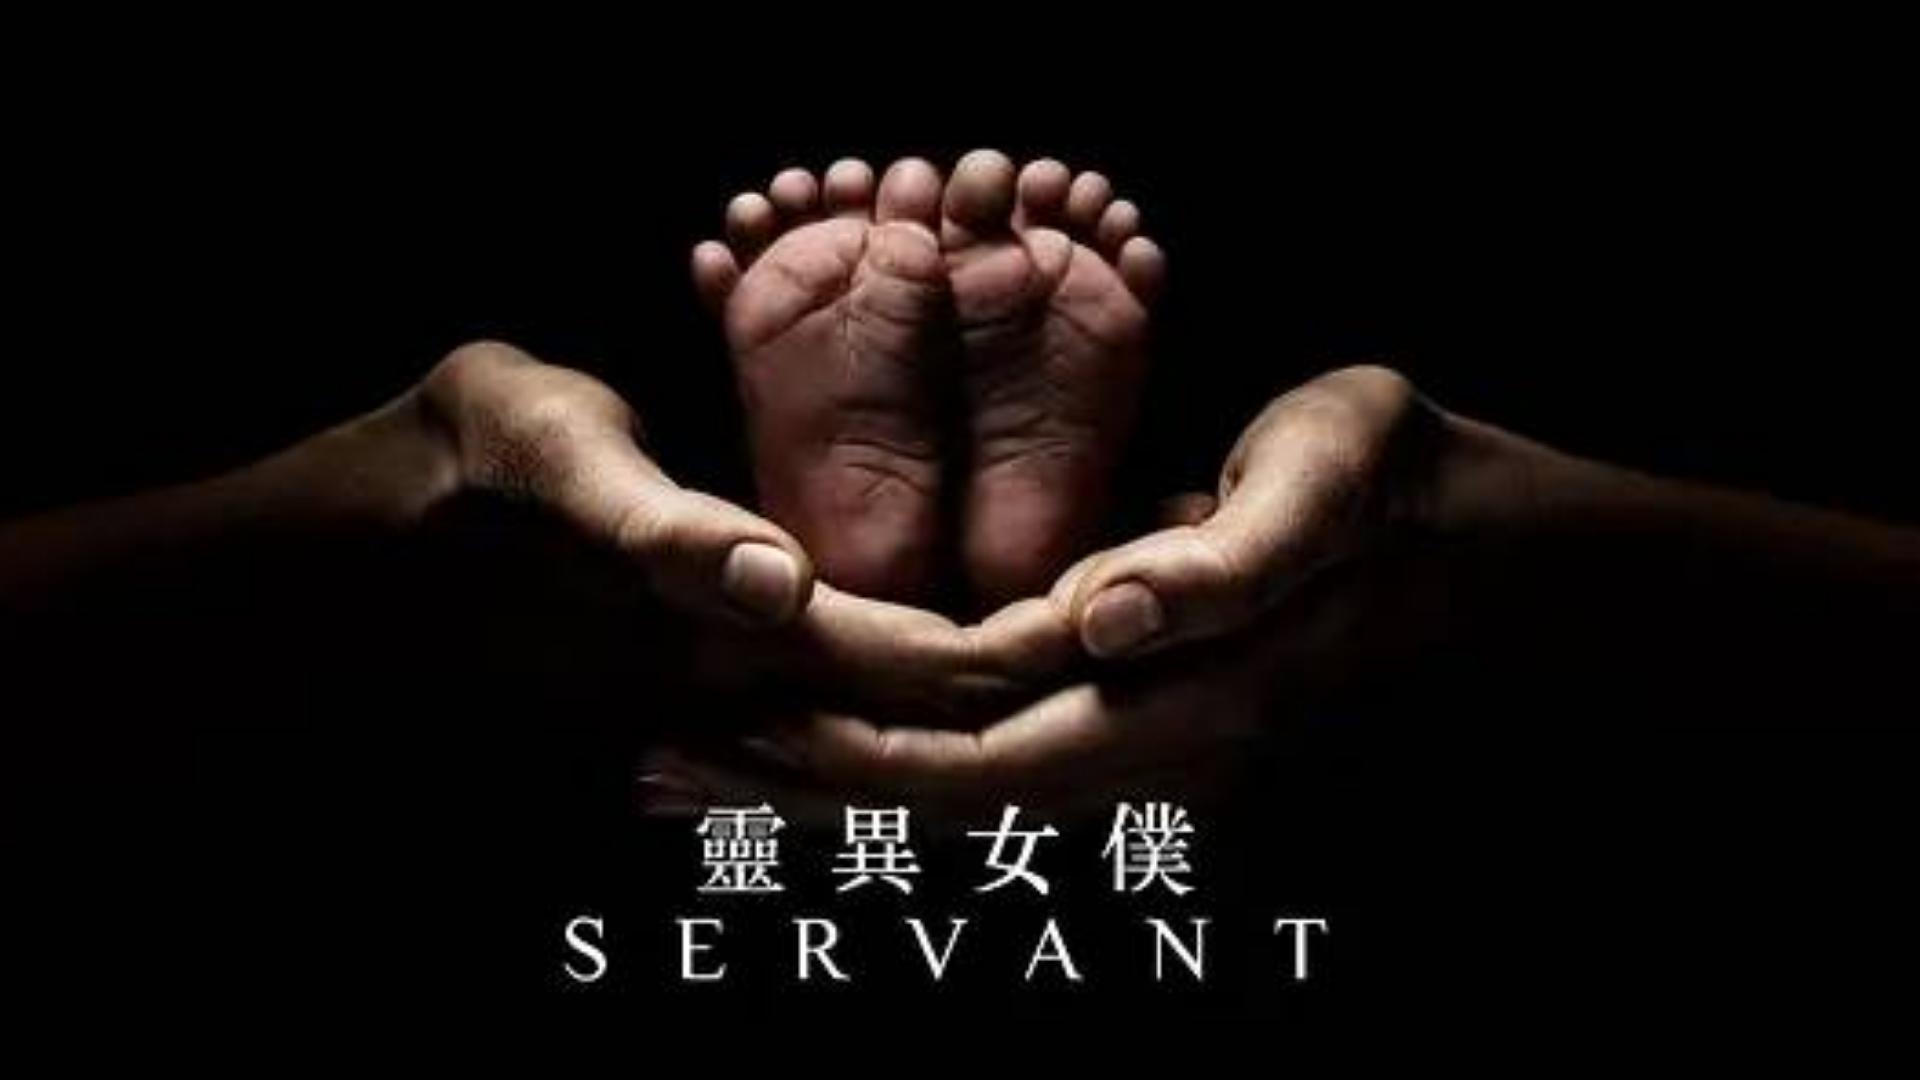 【分】灵异女仆 Servant S01E05-4